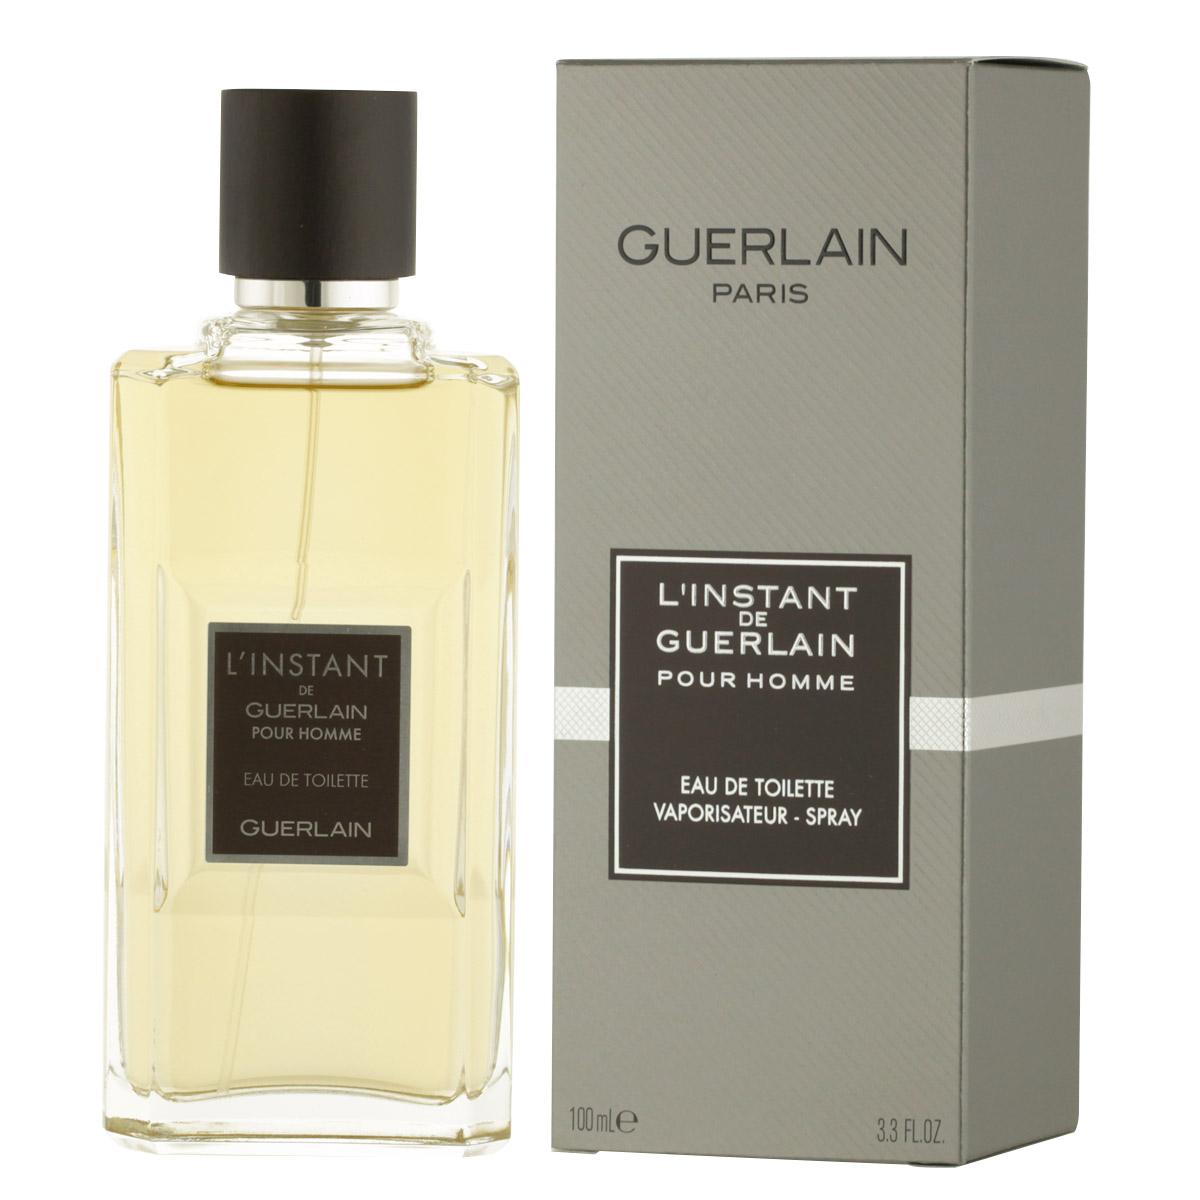 Guerlain L'Instant de Guerlain pour Homme EDT 100 ml M